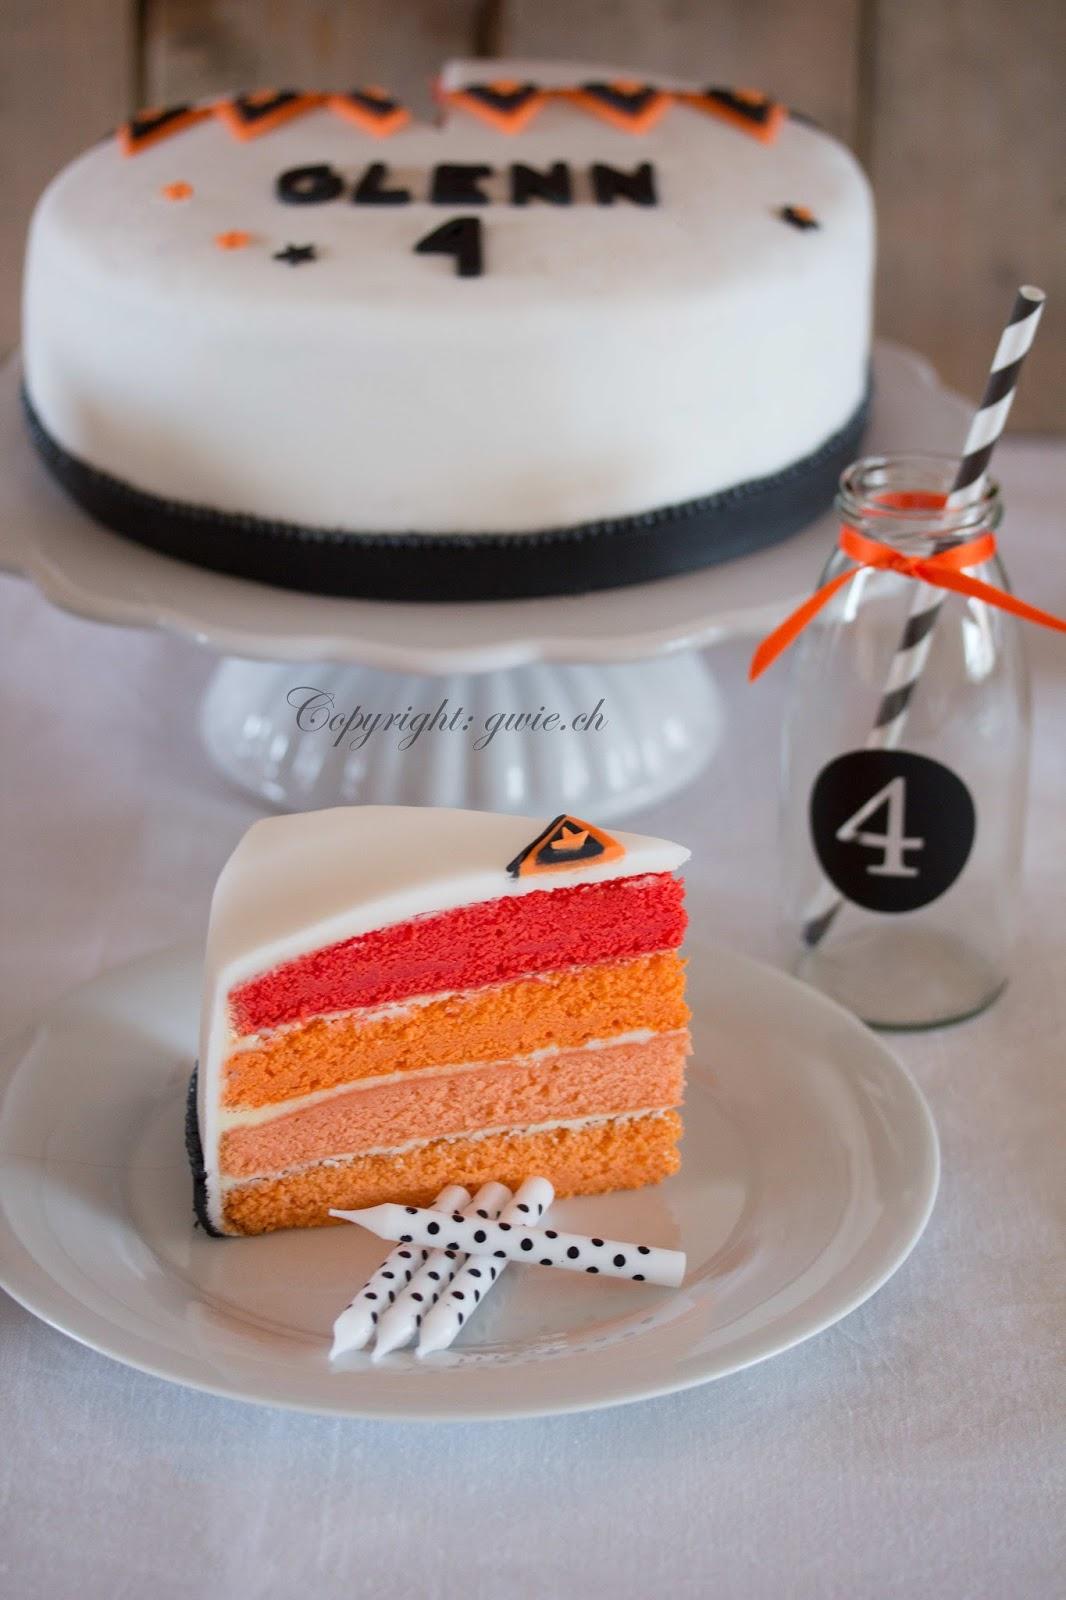 g wie genuss, oranges velvet cake, velvet cake, milchflasche auf sweet table, schwarz weisser sweet table, schwarz weiss, weisse kerzen mit punkten, fondant torte, glenn